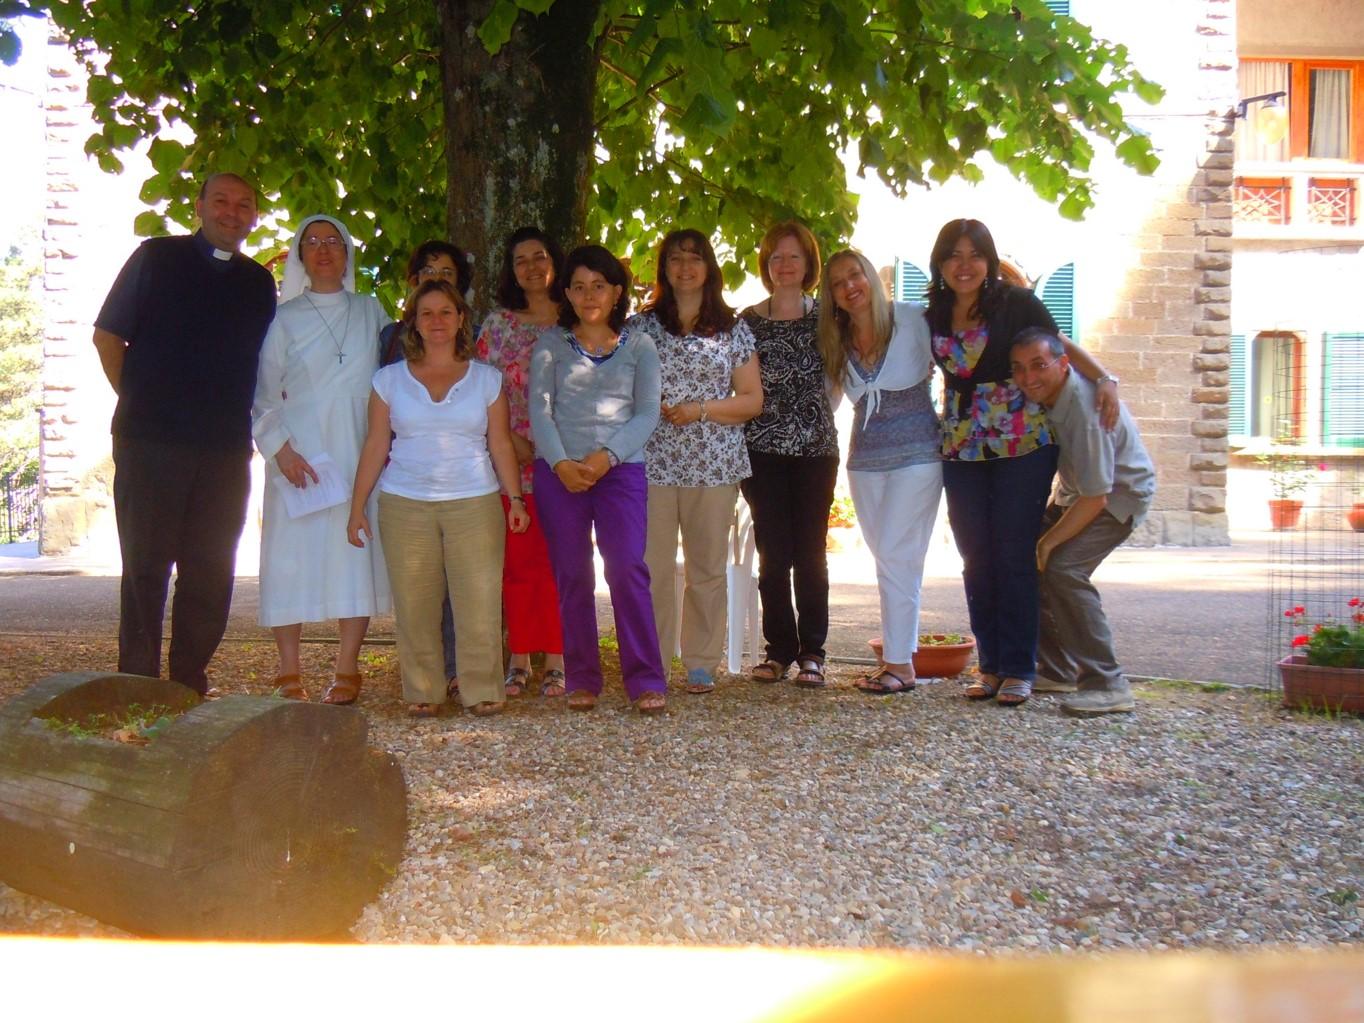 camaldoli-23-24-giugno-2012